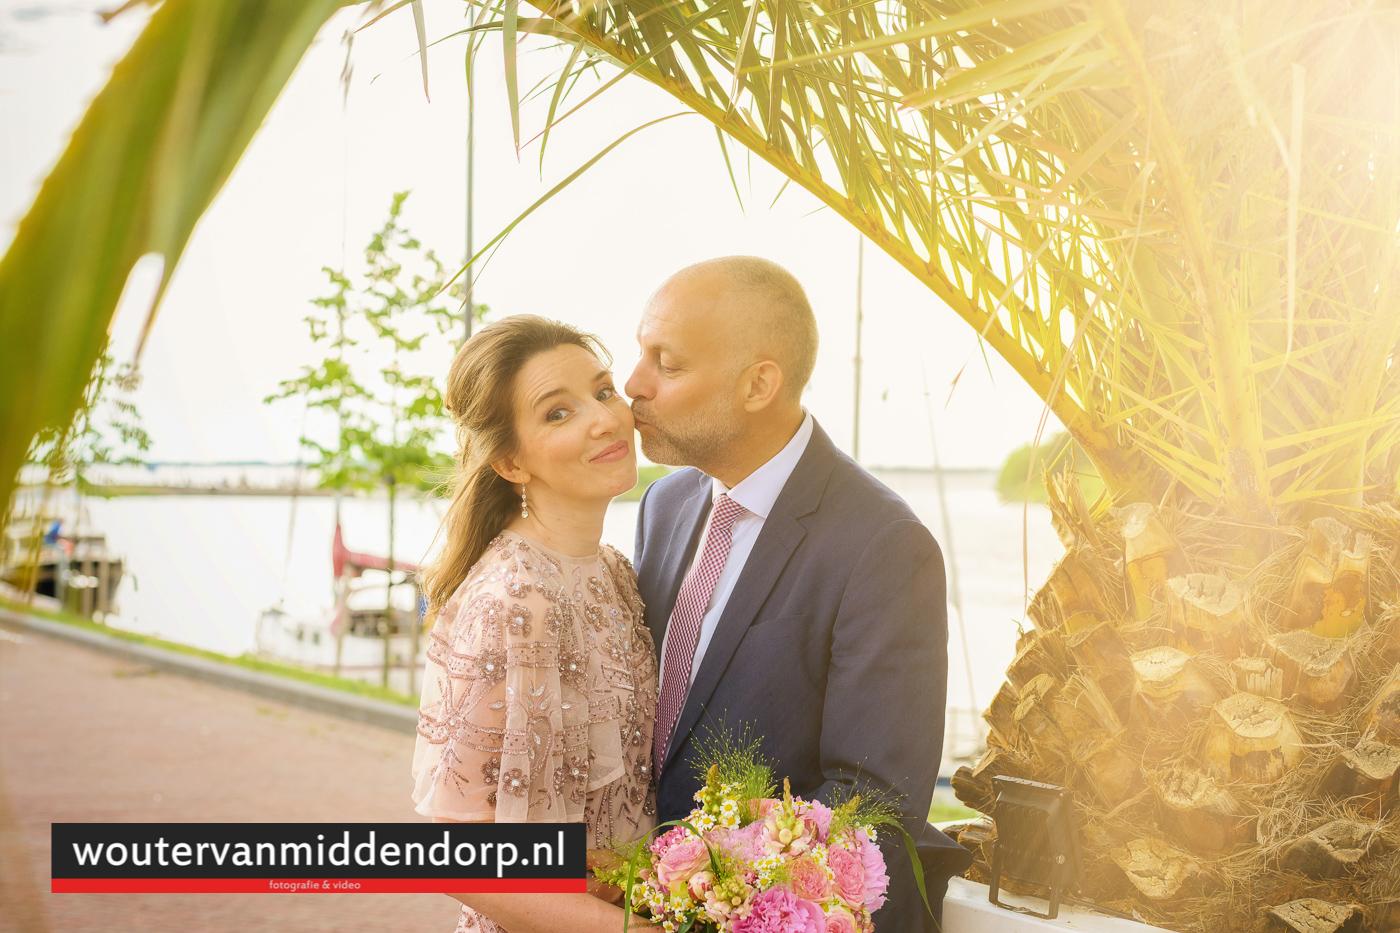 Wouter van Middendorp bruidsfotografie Harderwijk-14